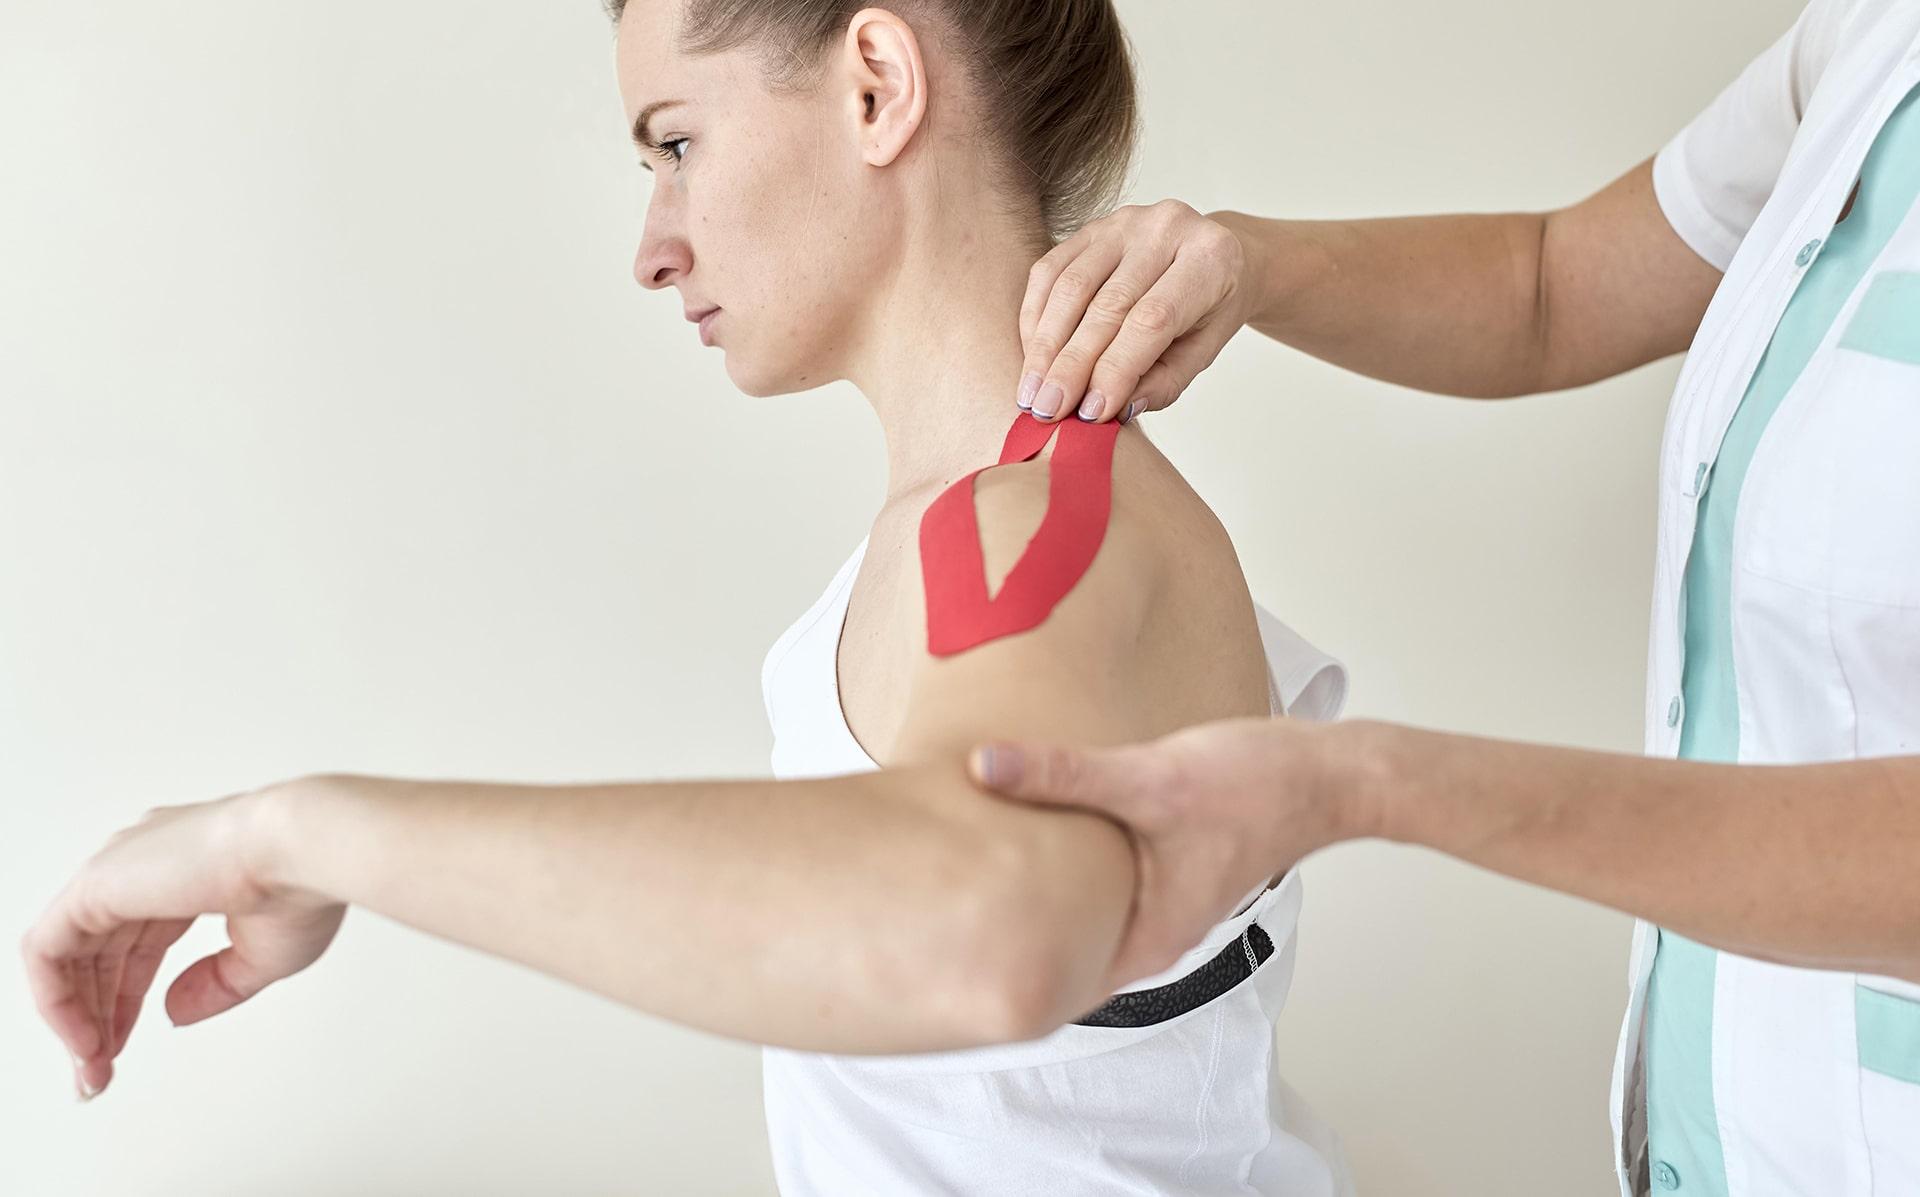 La cápsula del hombro